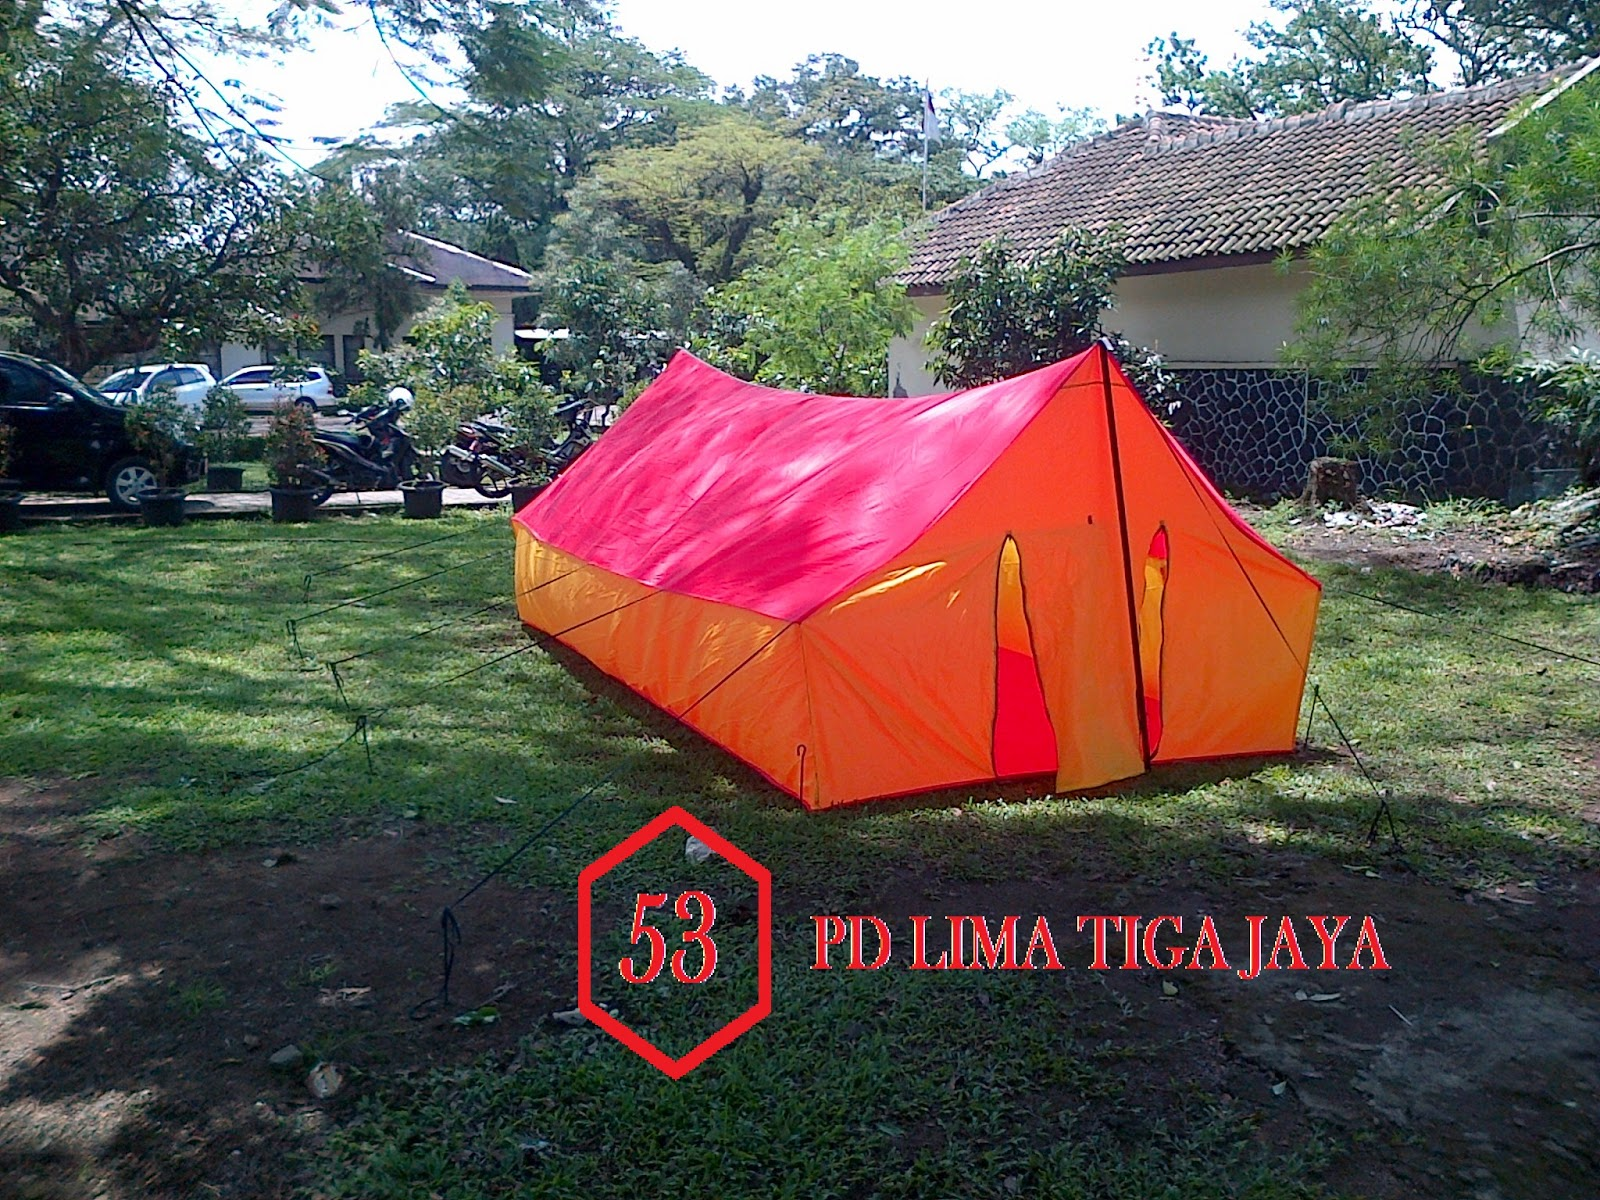 jual tenda pramuka murah bandung , pusat tenda murah bandung